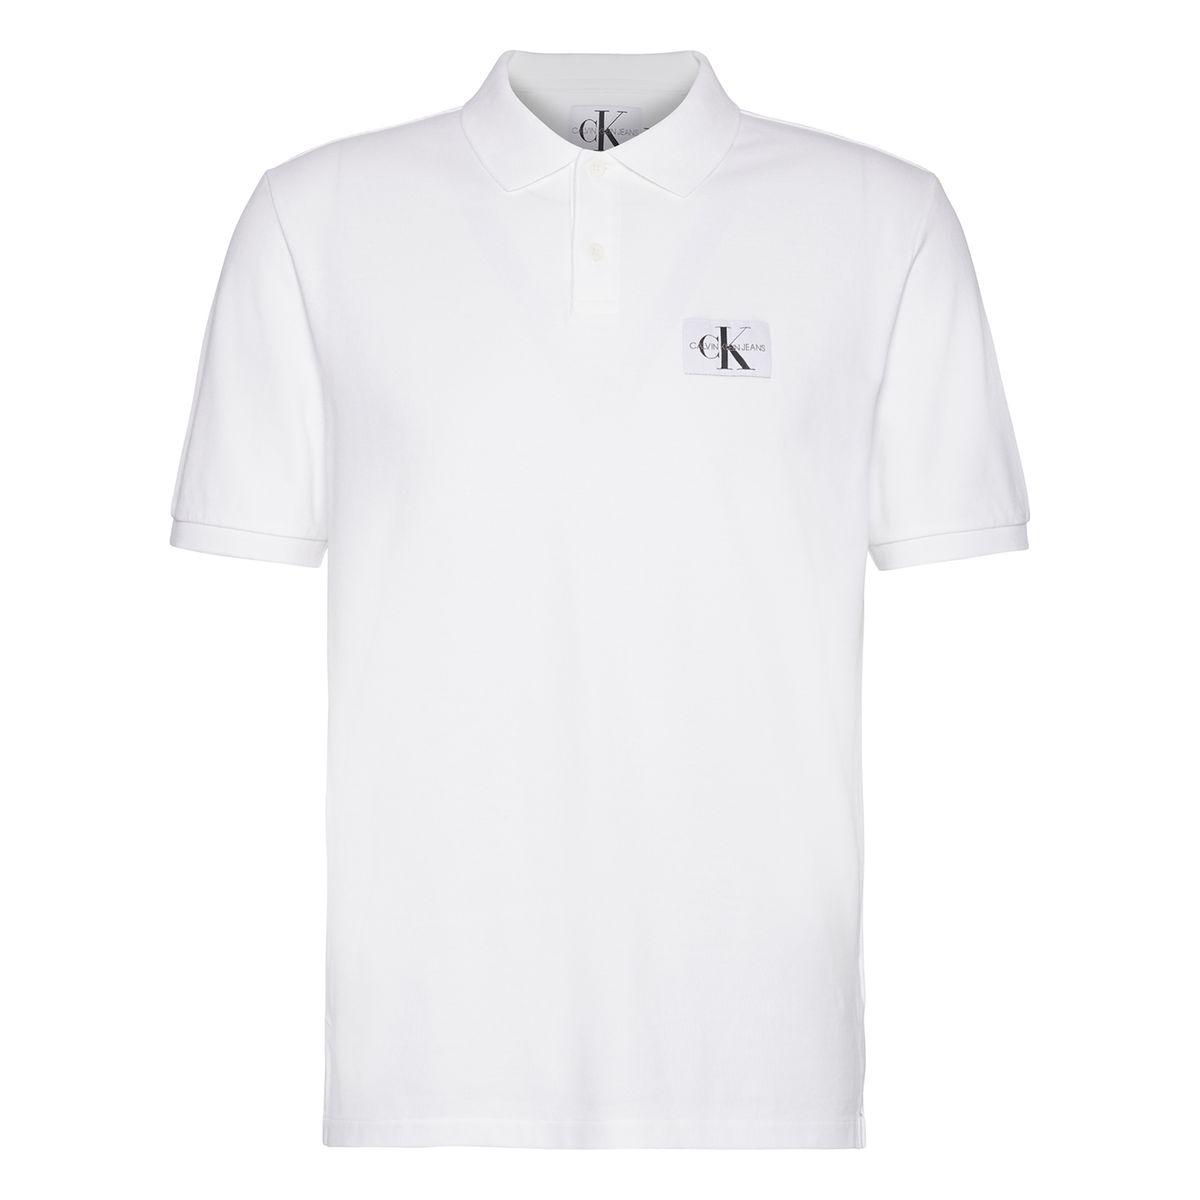 Polo manches courtes logo CK poitrine, pur coton